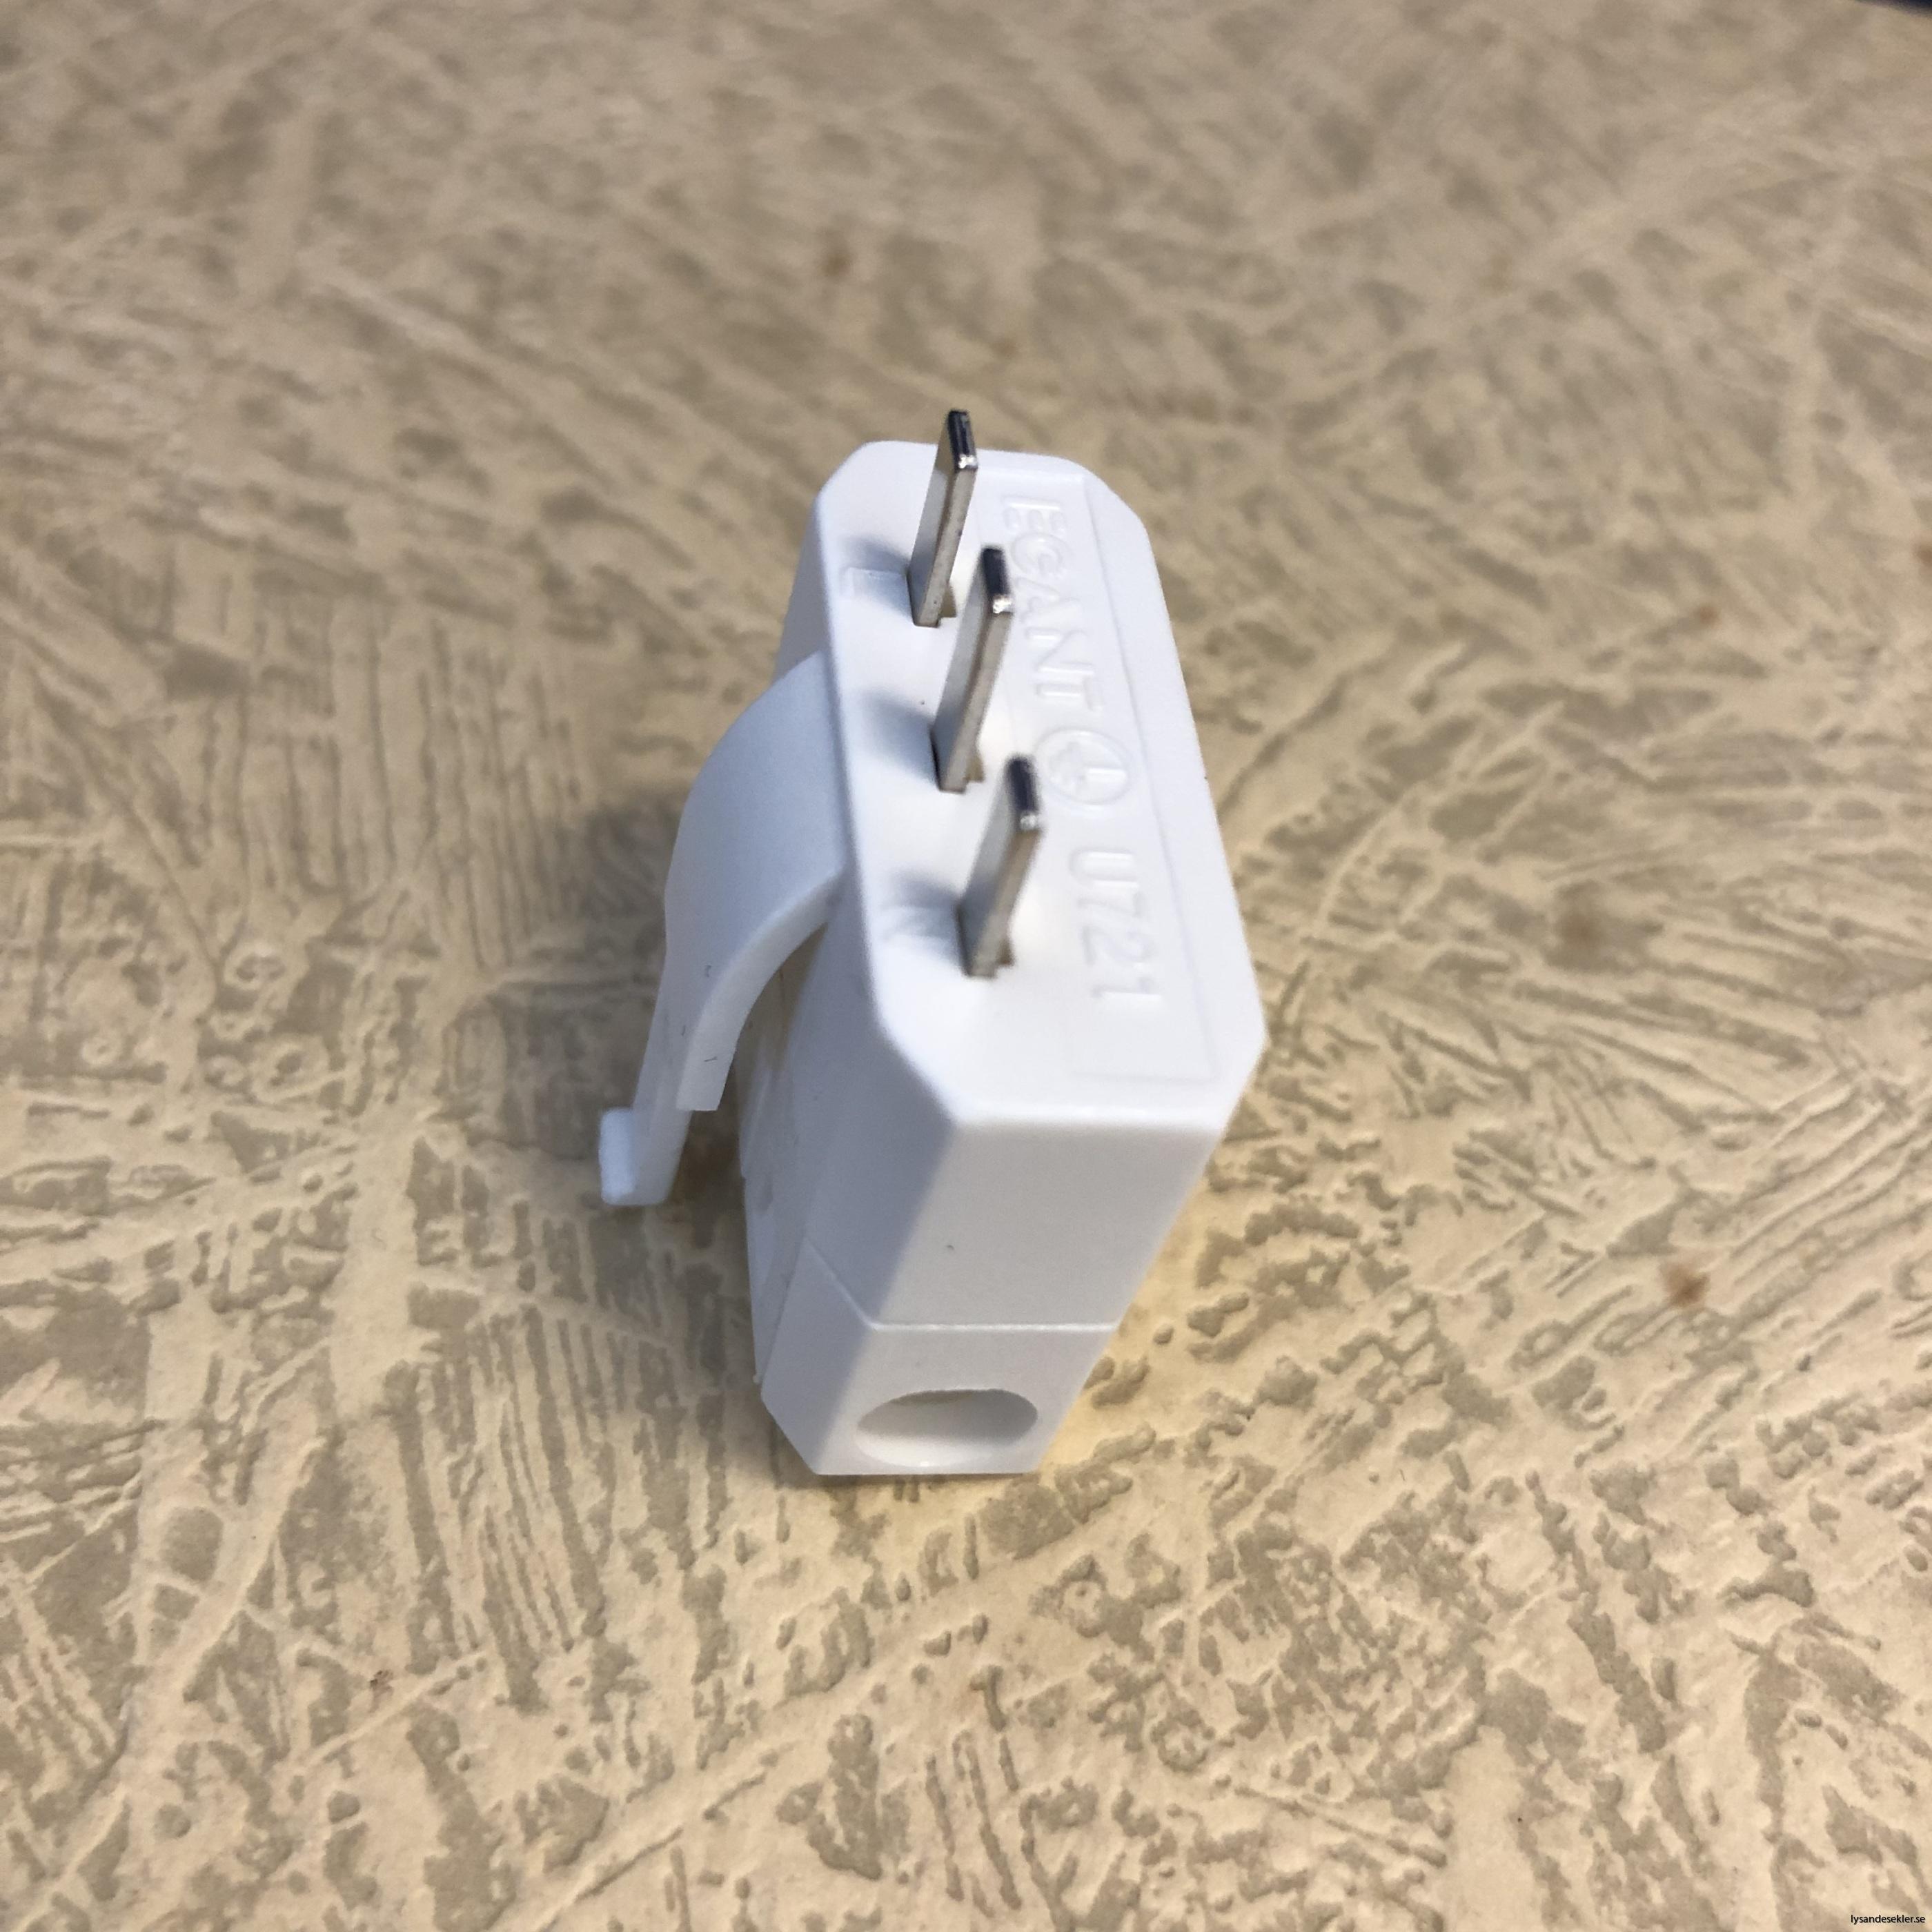 DCL kontakt dcl-kontakt för tak lampa5